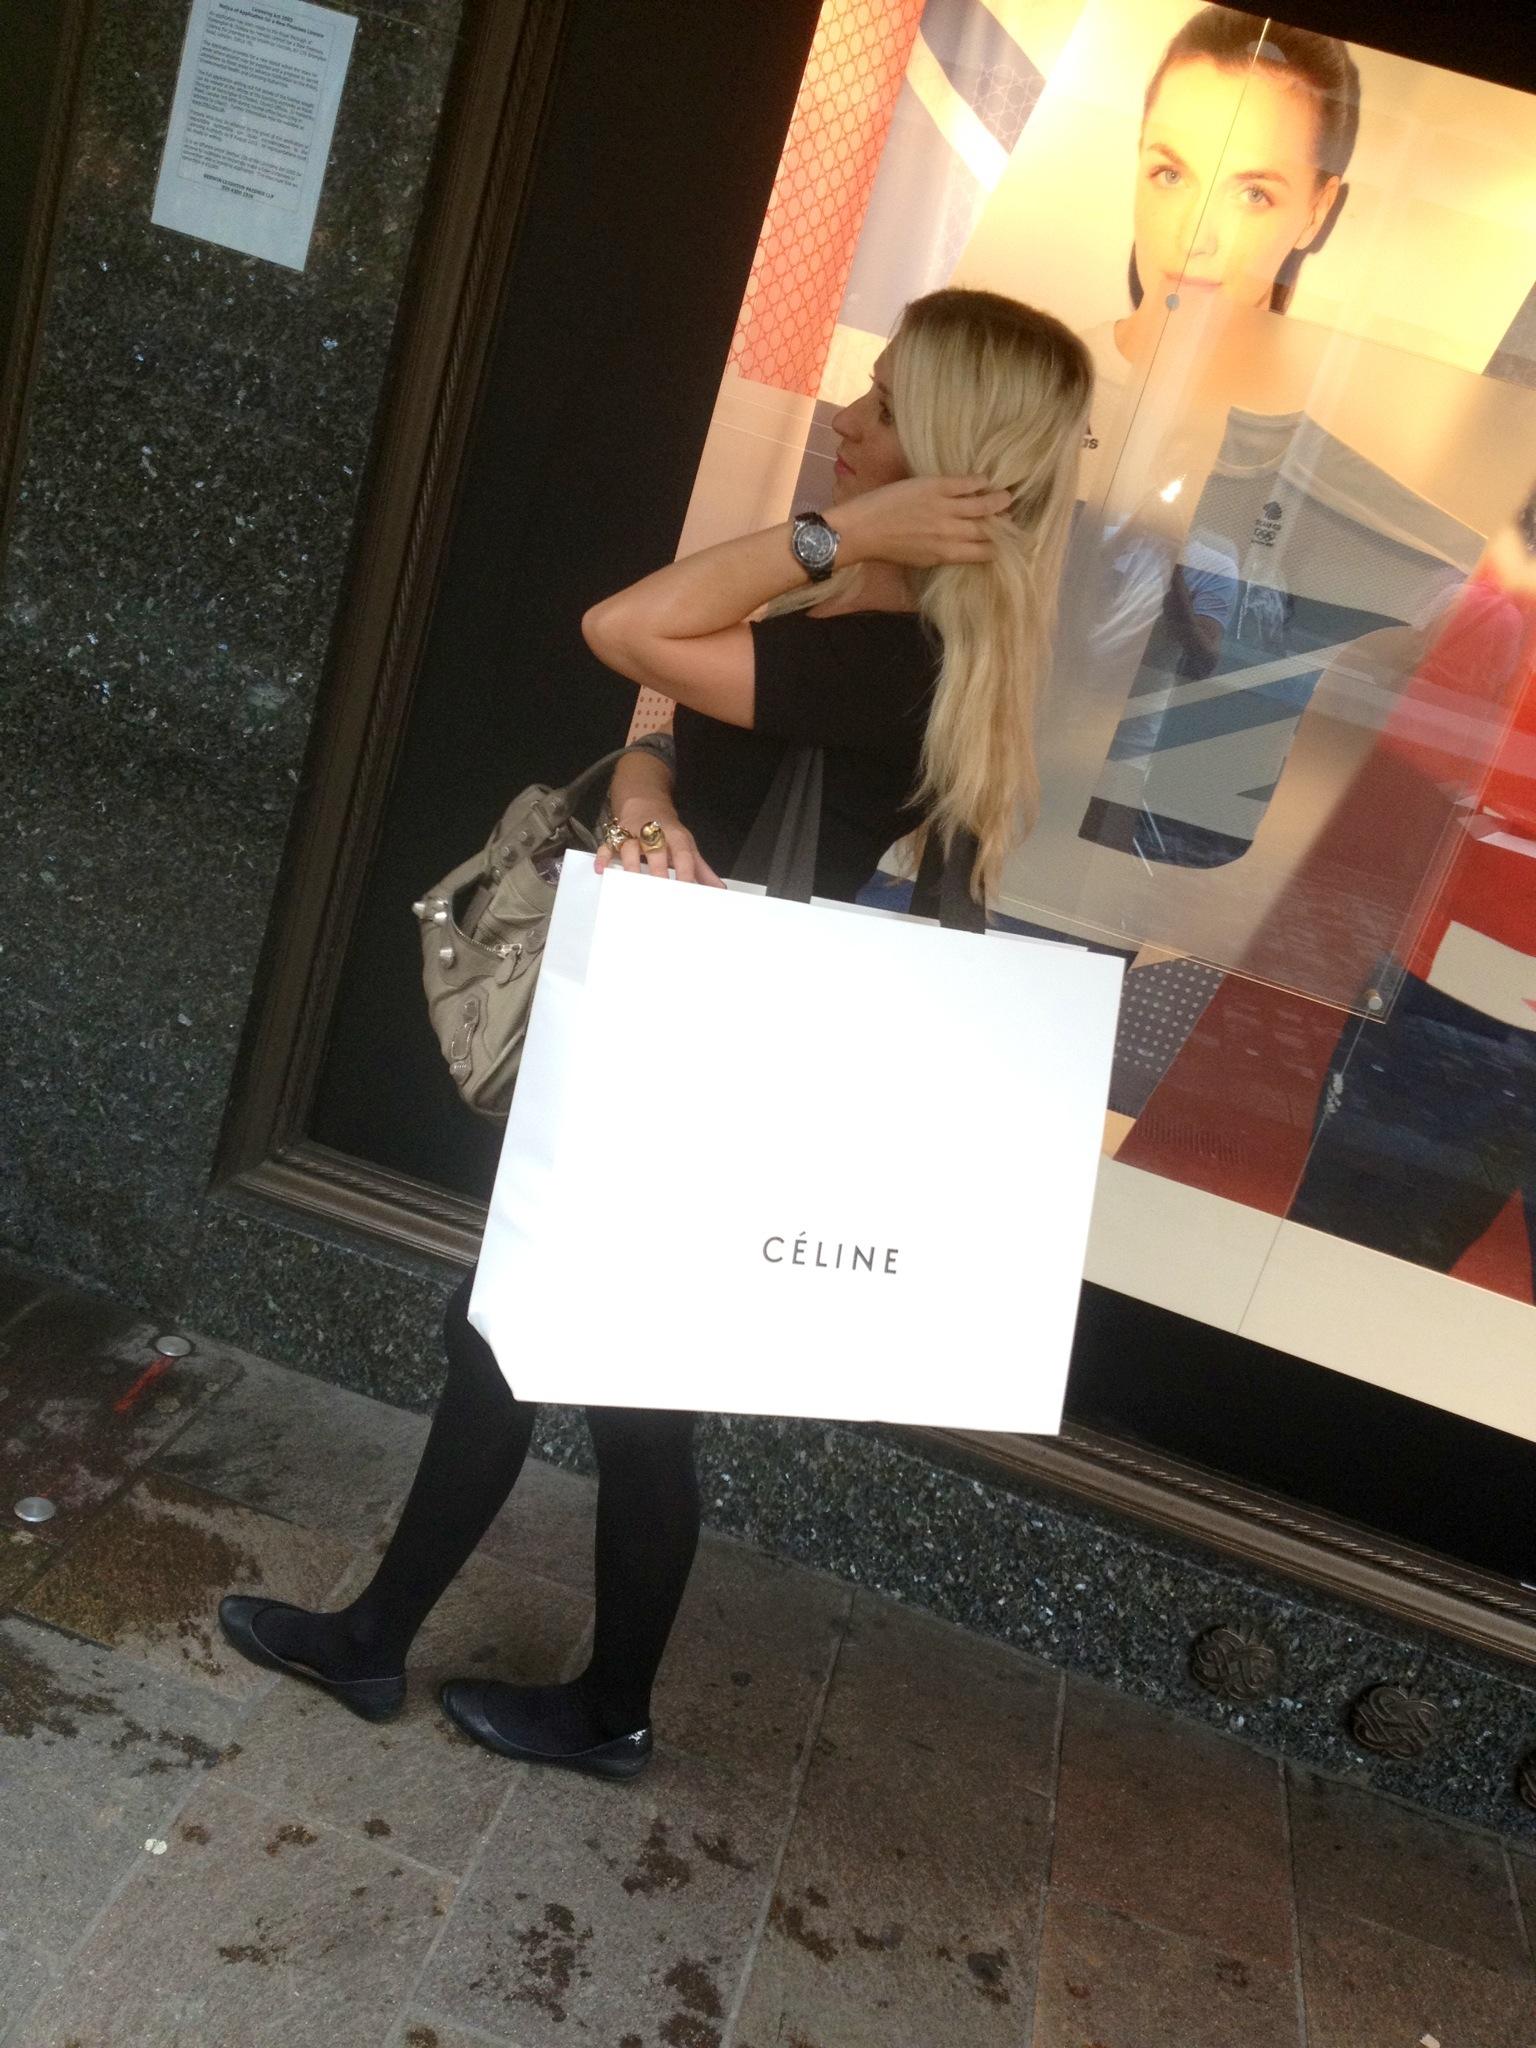 celine shopping celine purchase